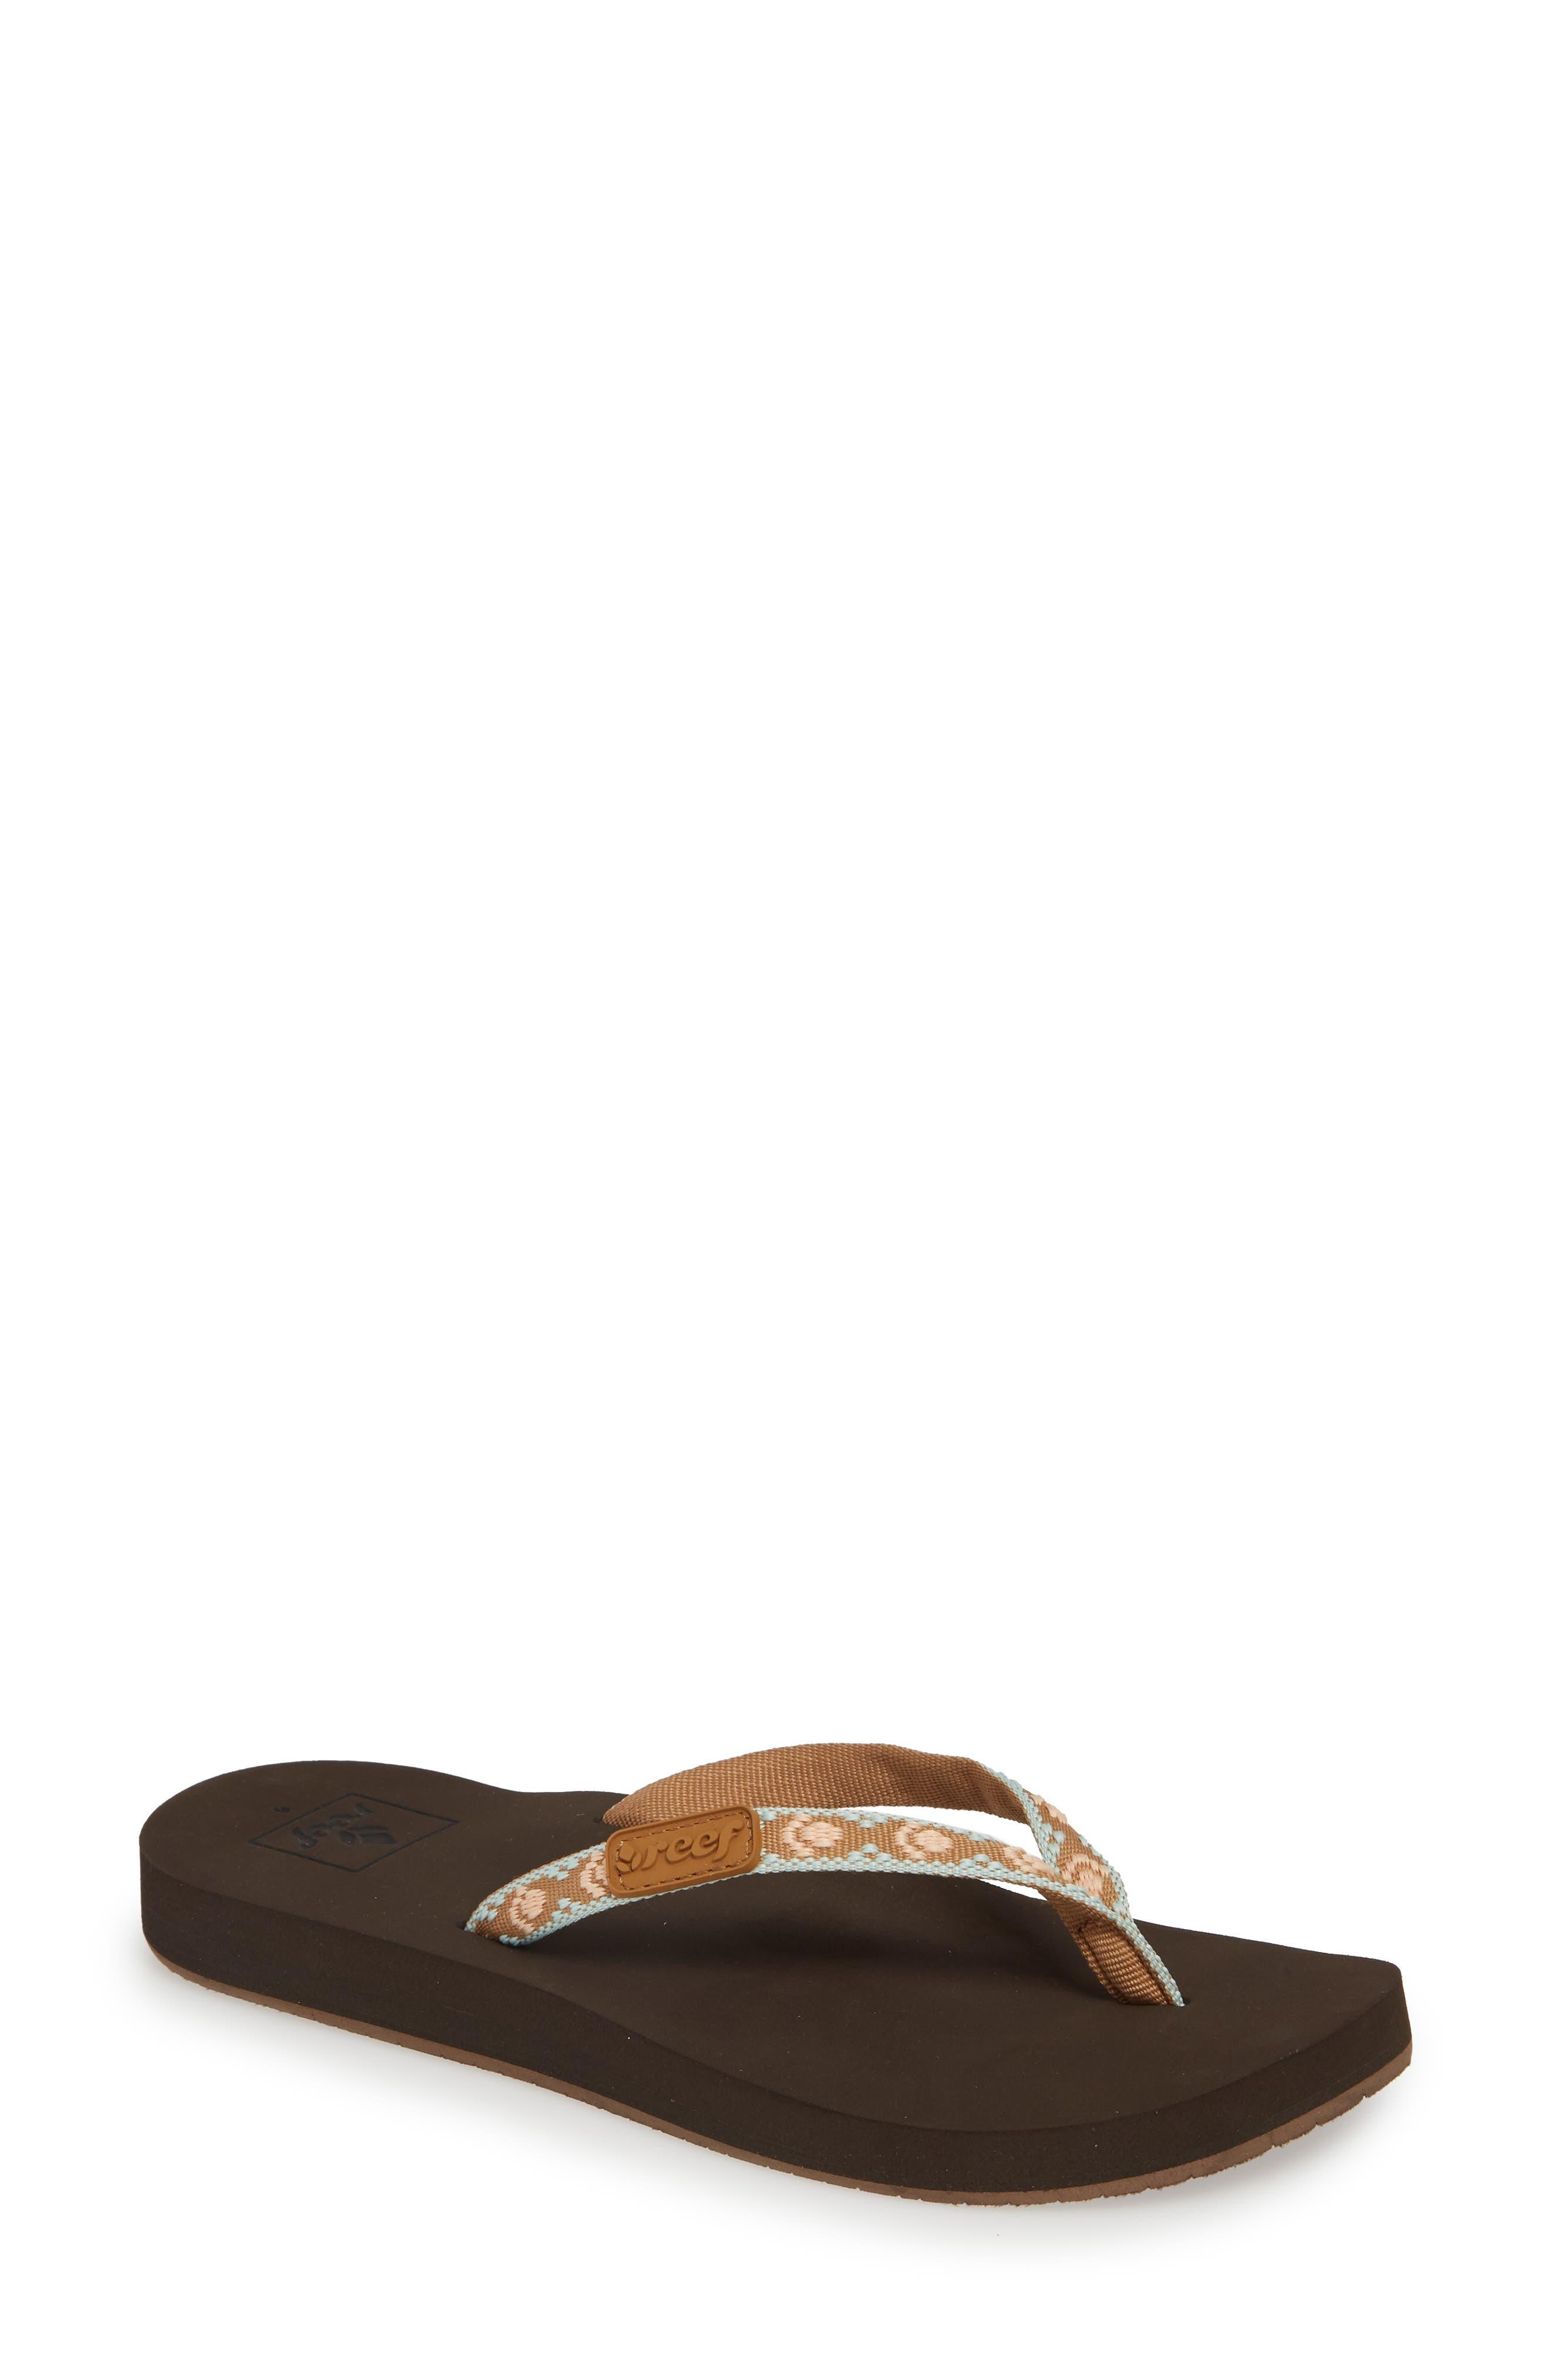 52ffa67f2f82 Women s Reef Sandals